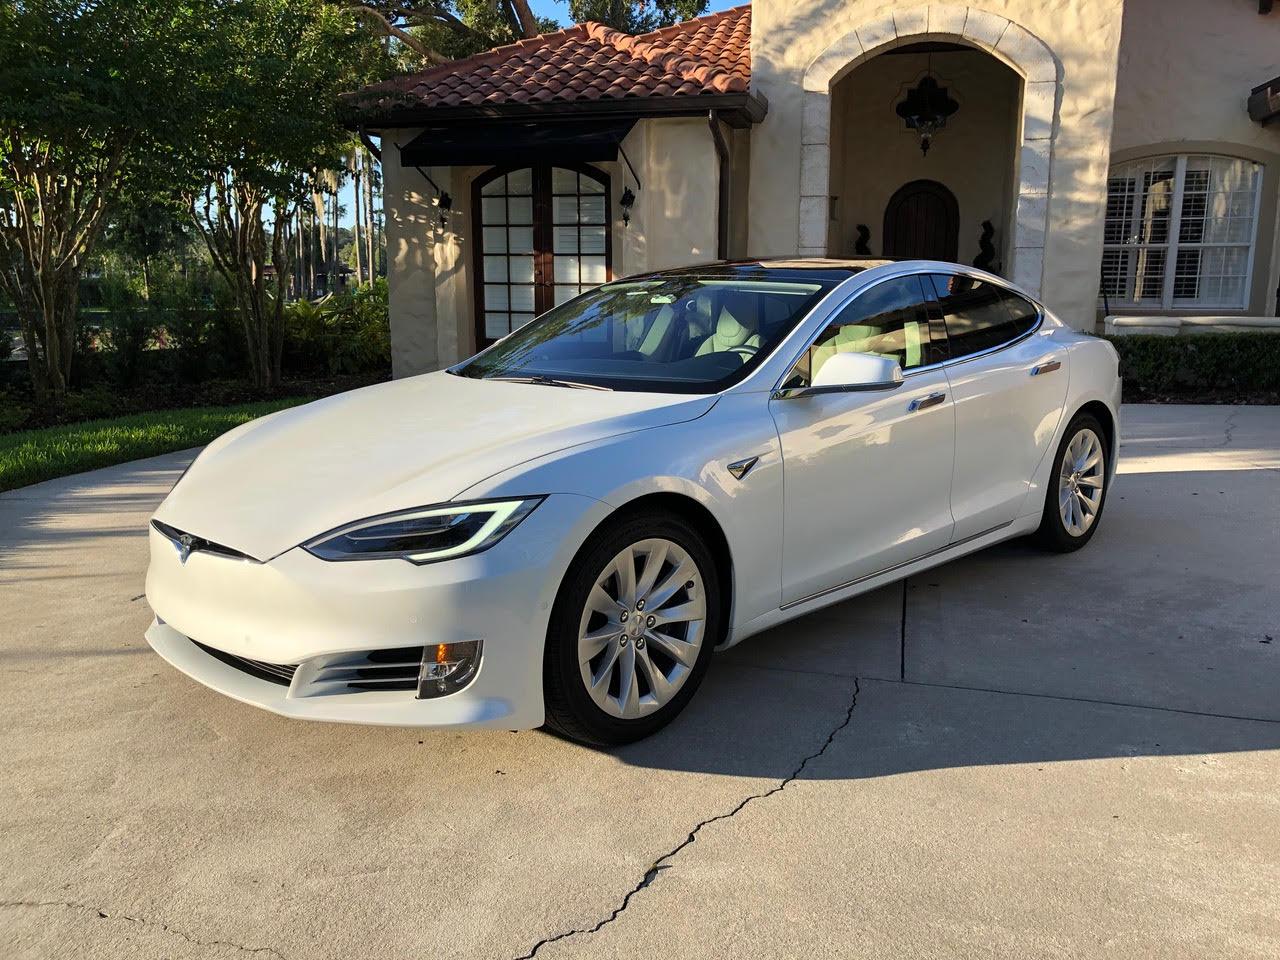 Tesla Model S Pearl White Multi-Coat